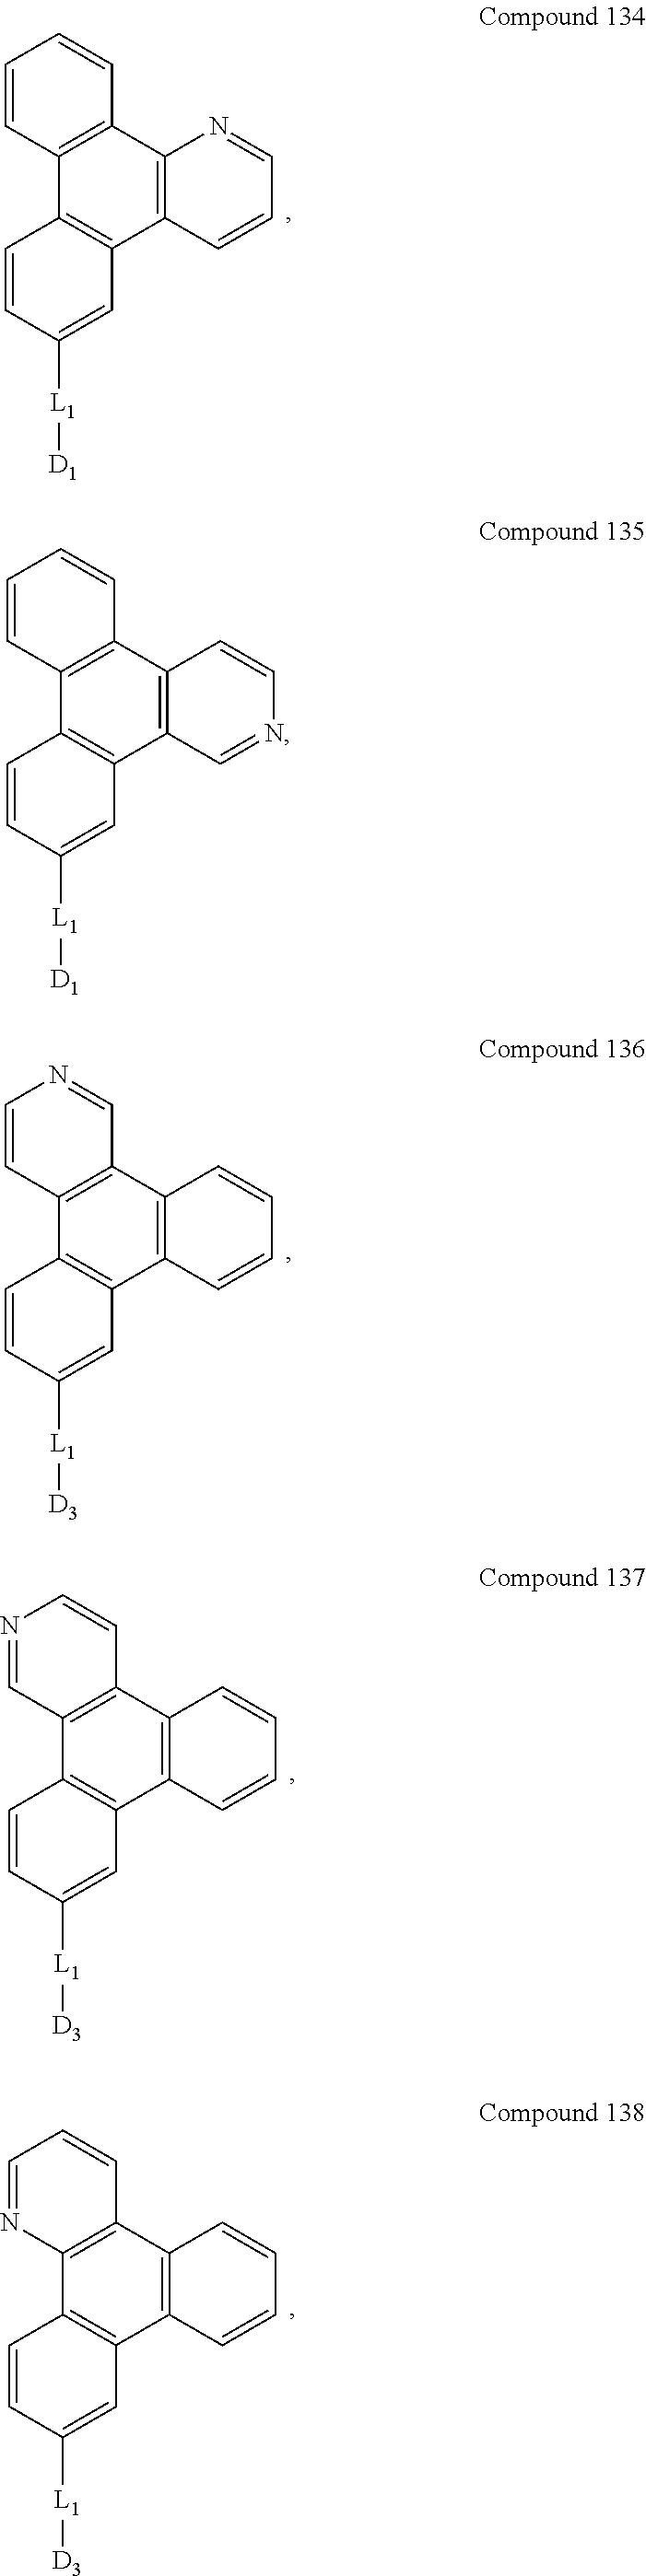 Figure US09537106-20170103-C00071